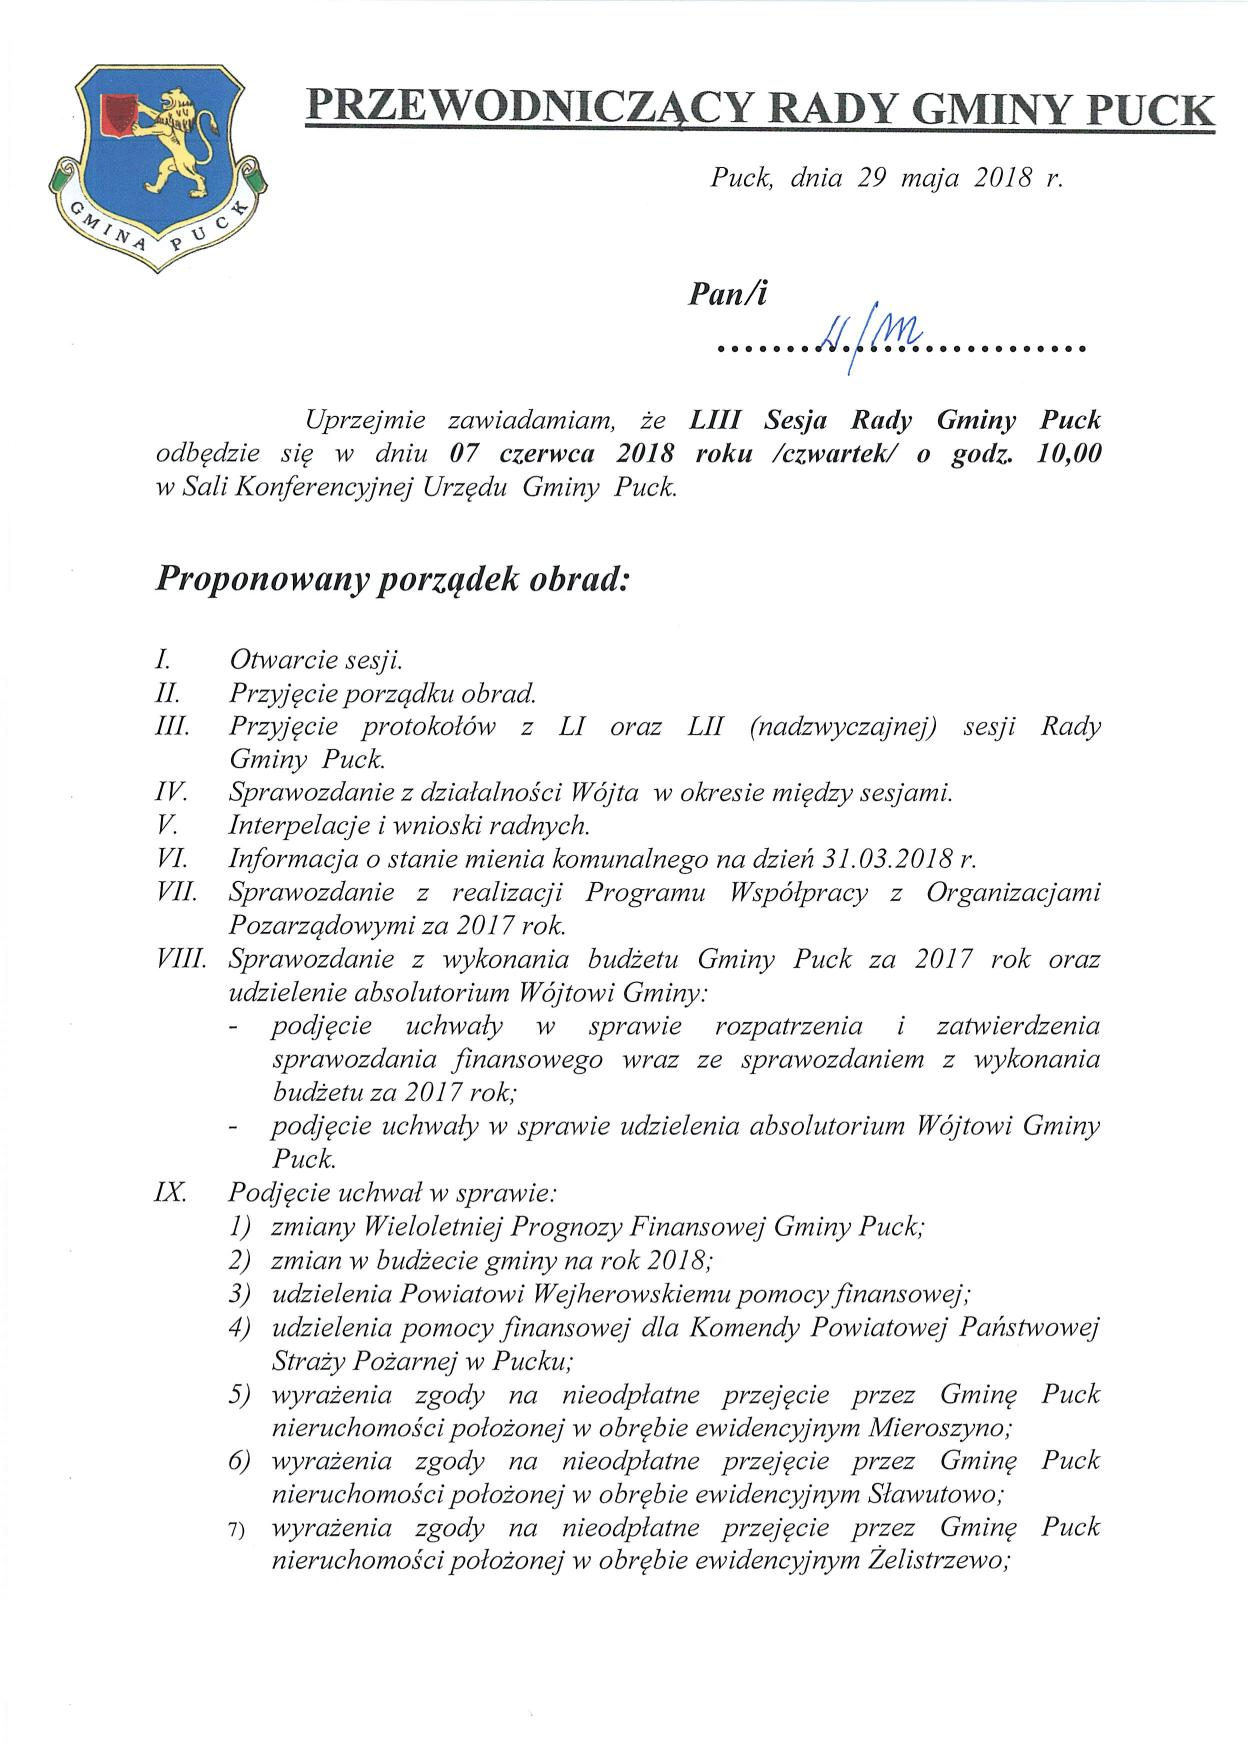 Proponowany porządek obrad LIII sesji Rady Gminy Puck - dnia 07 czerwca 2018 roku_01